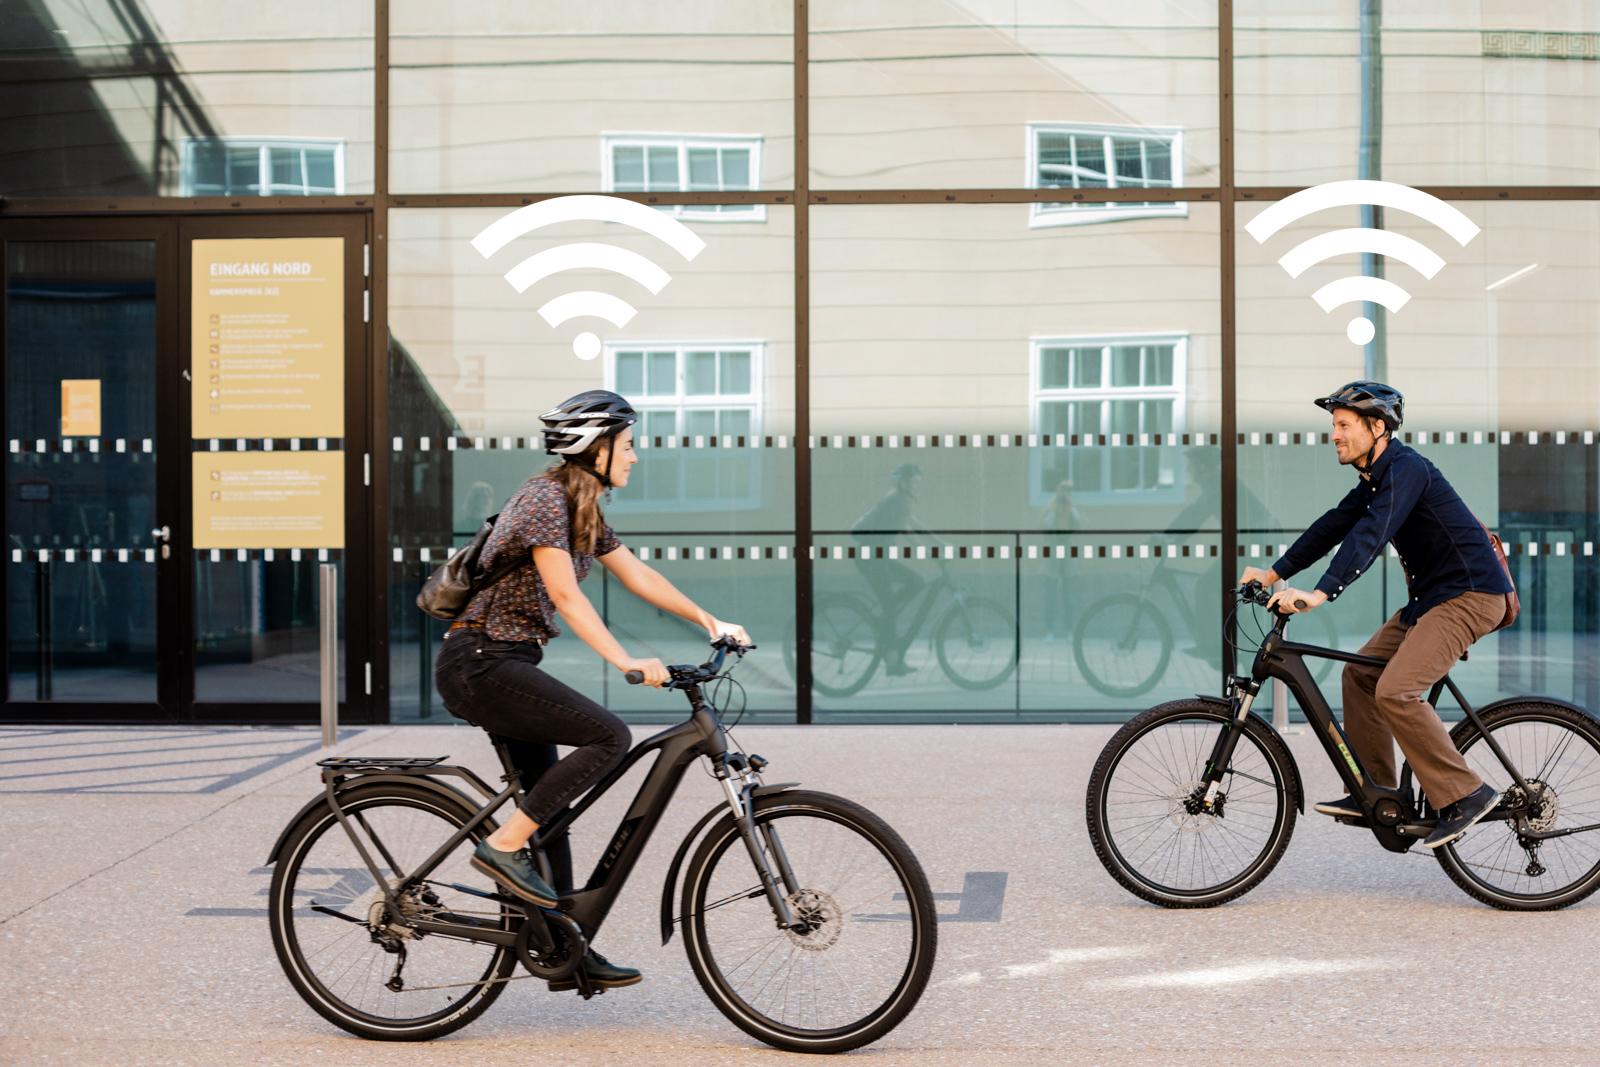 Beim GPS-Tracking erfolgt die Datenübertragung größtenteils mit Funkstandards, die über das Mobilfunknetz funktinieren (Wide Area Networks)